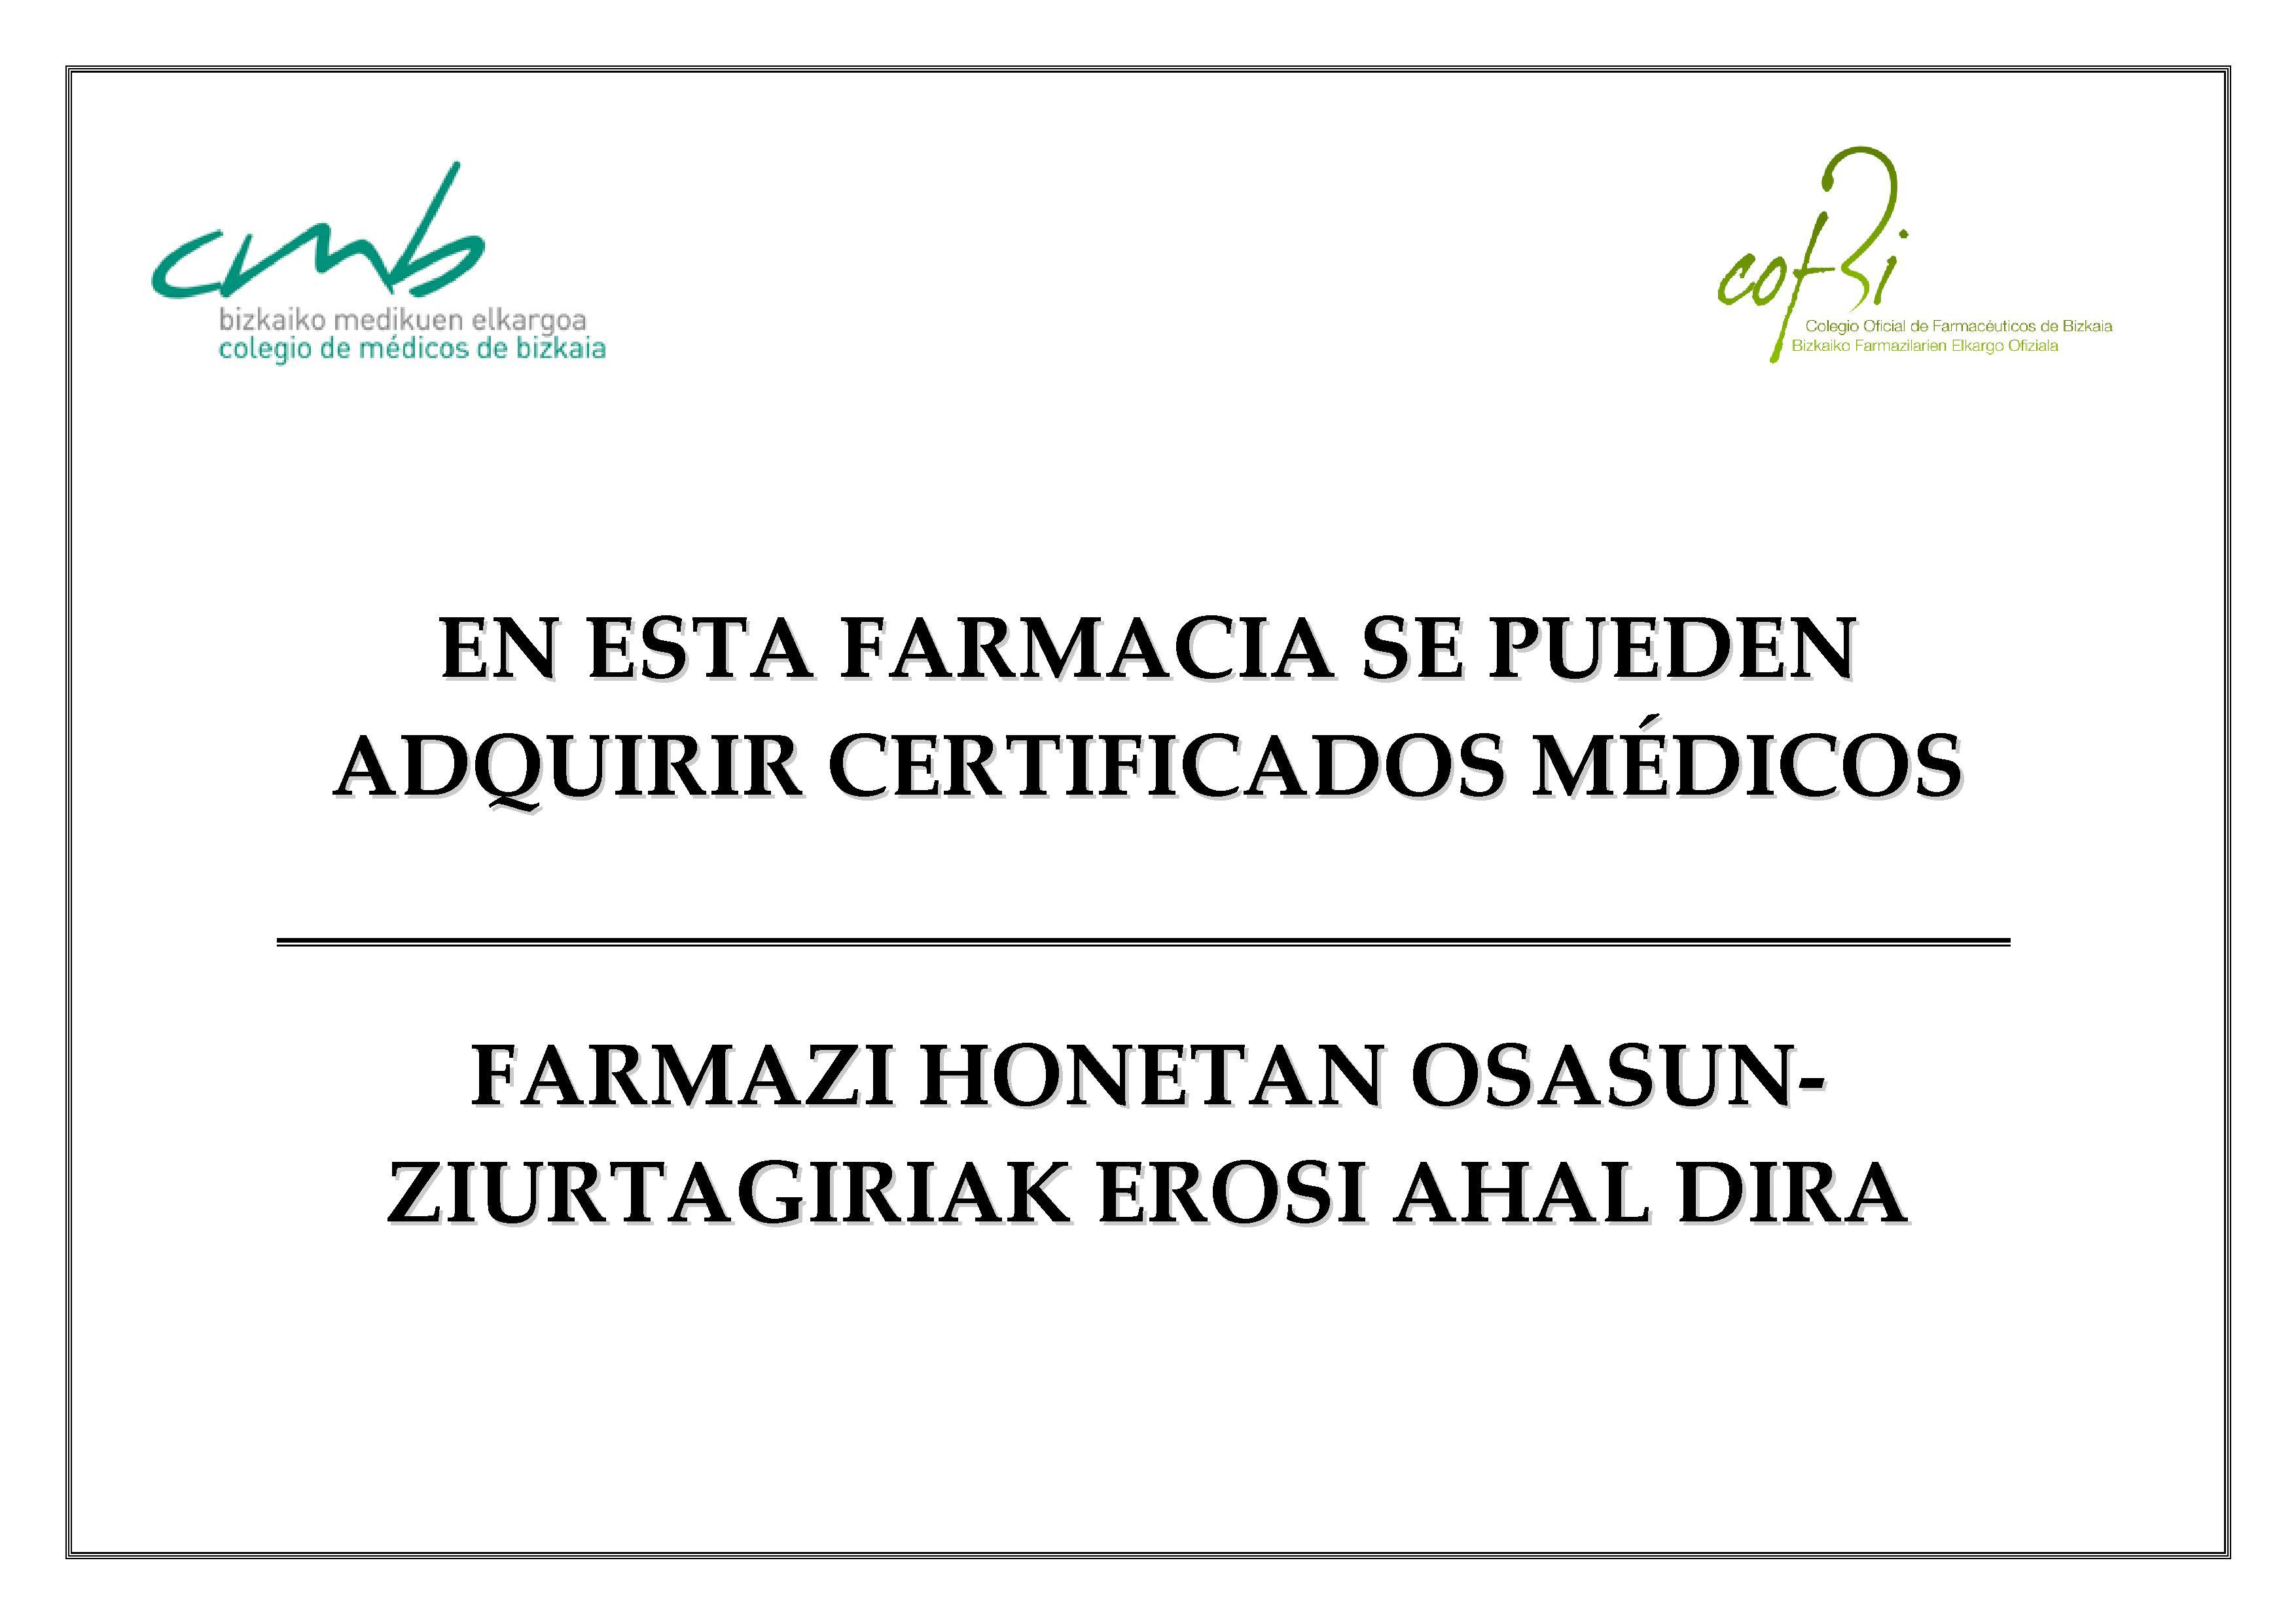 CERTIFICADOS MÉDICOS AHORA TAMBIÉN DISPONIBLES EN LA FARMACIA